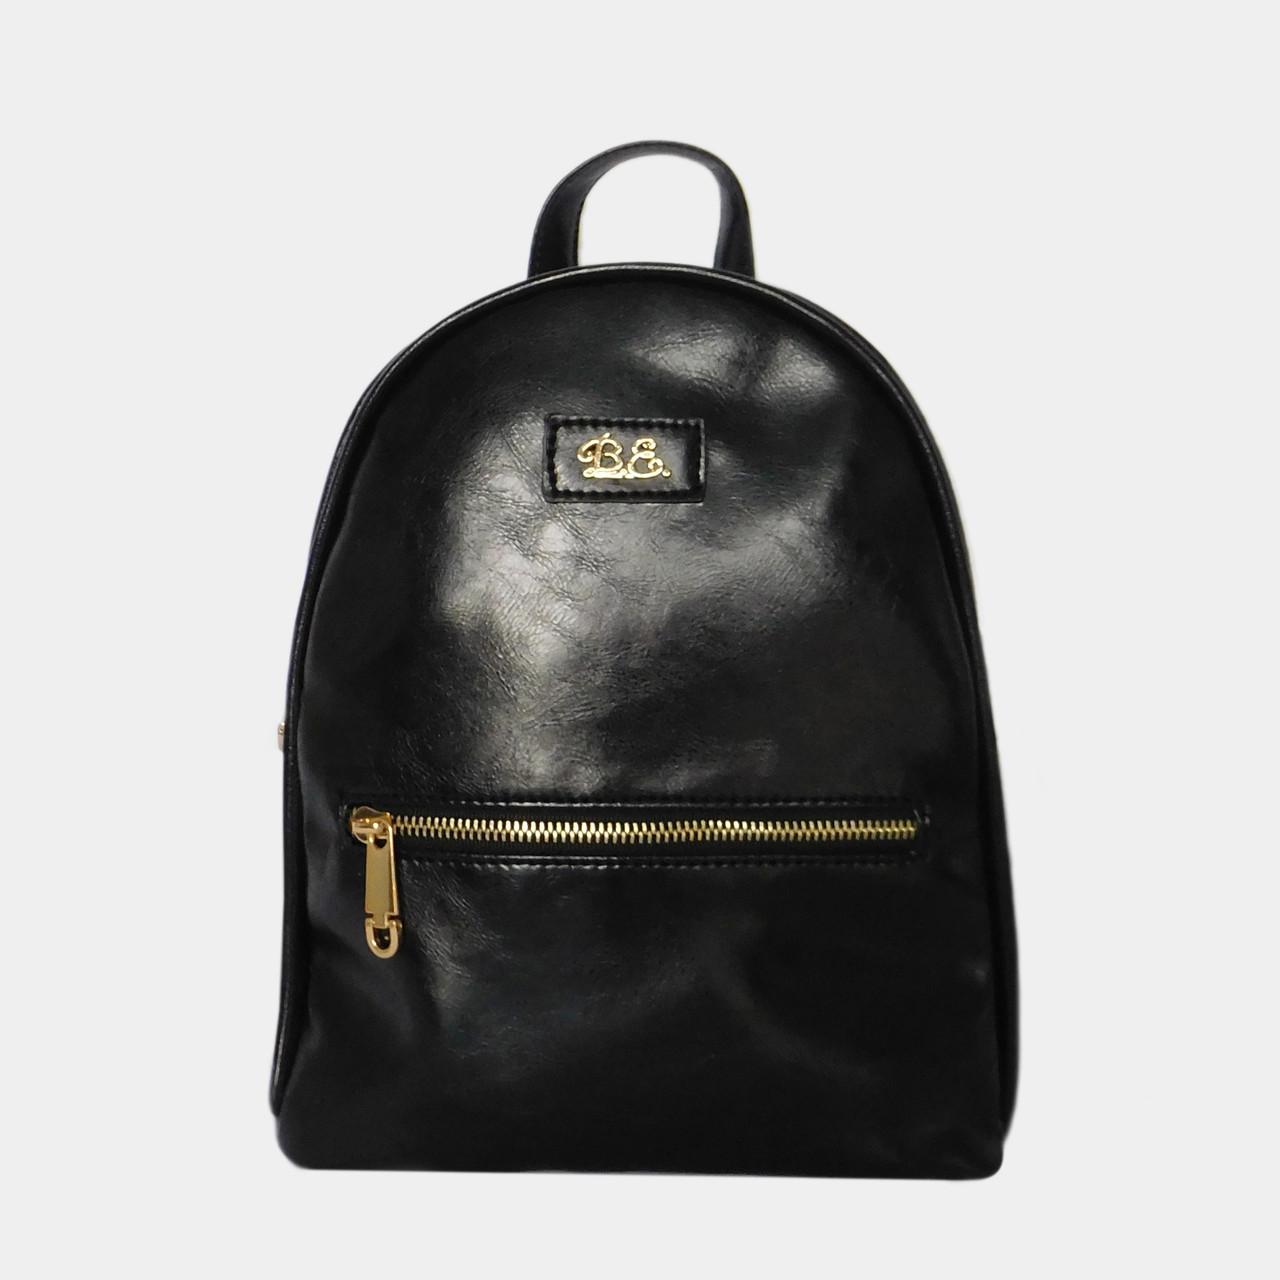 707cd197adf3 Рюкзак жіночий чорний зі штучної шкіри / Рюкзак женский черный из искусст.  кожи. Немає в наявності